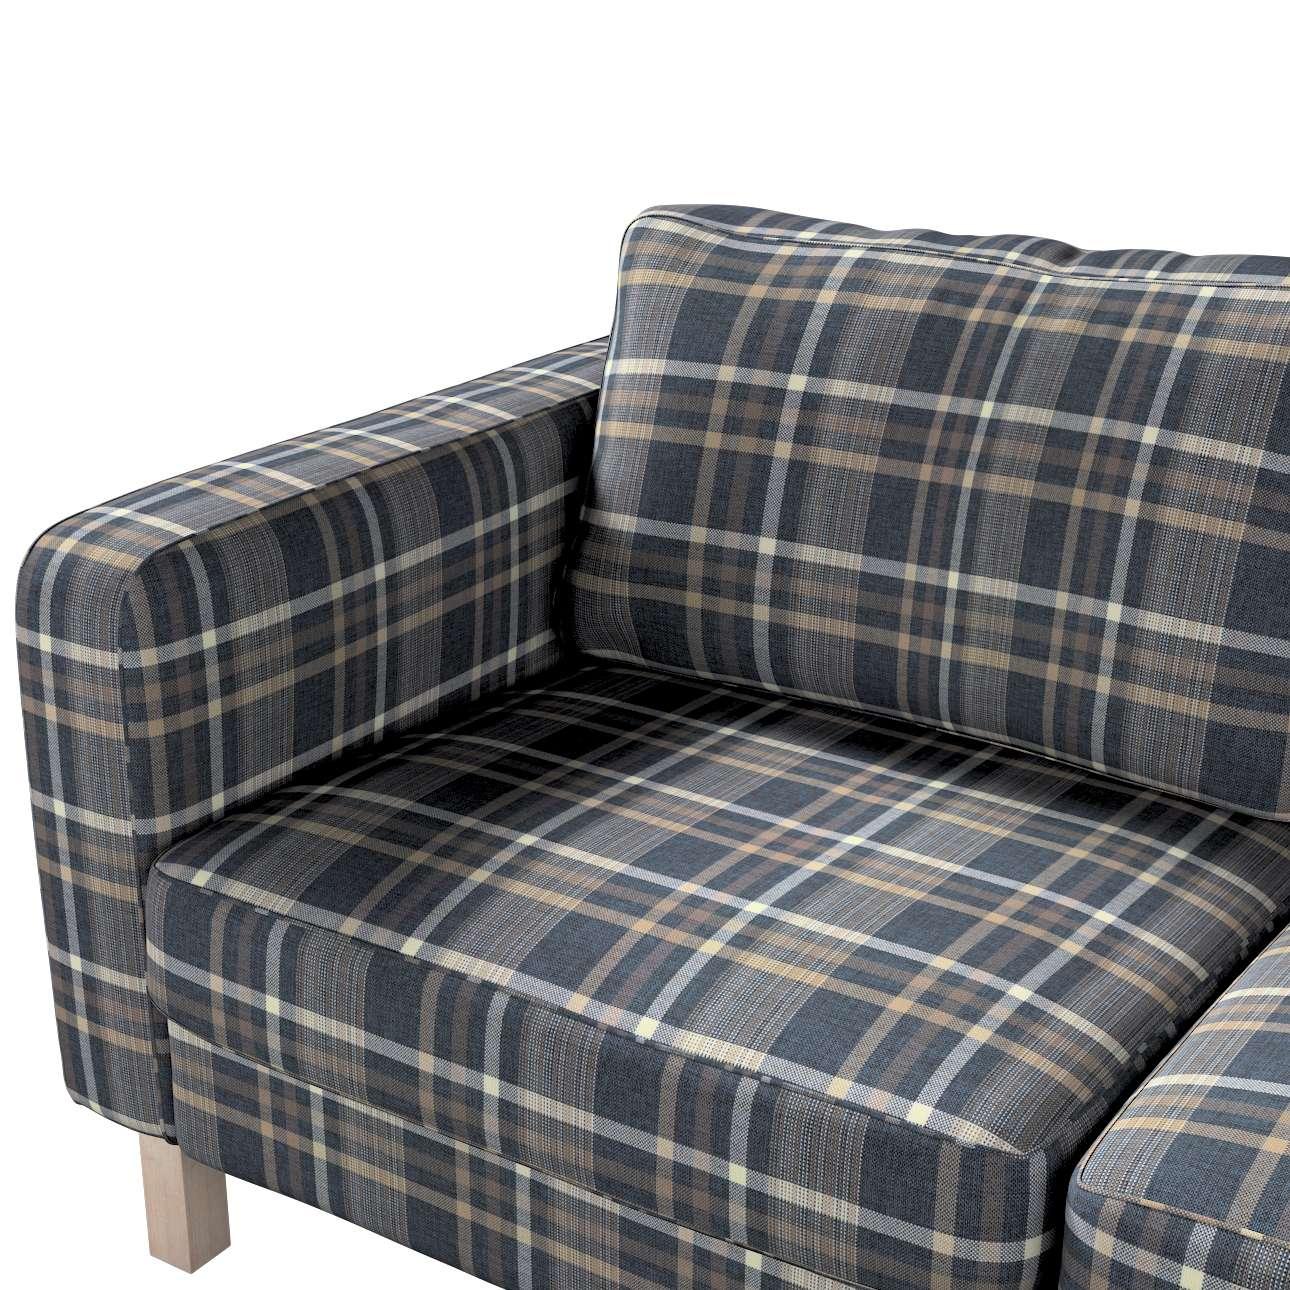 Pokrowiec na sofę Karlstad 2-osobową nierozkładaną krótki w kolekcji Edinburgh, tkanina: 703-16